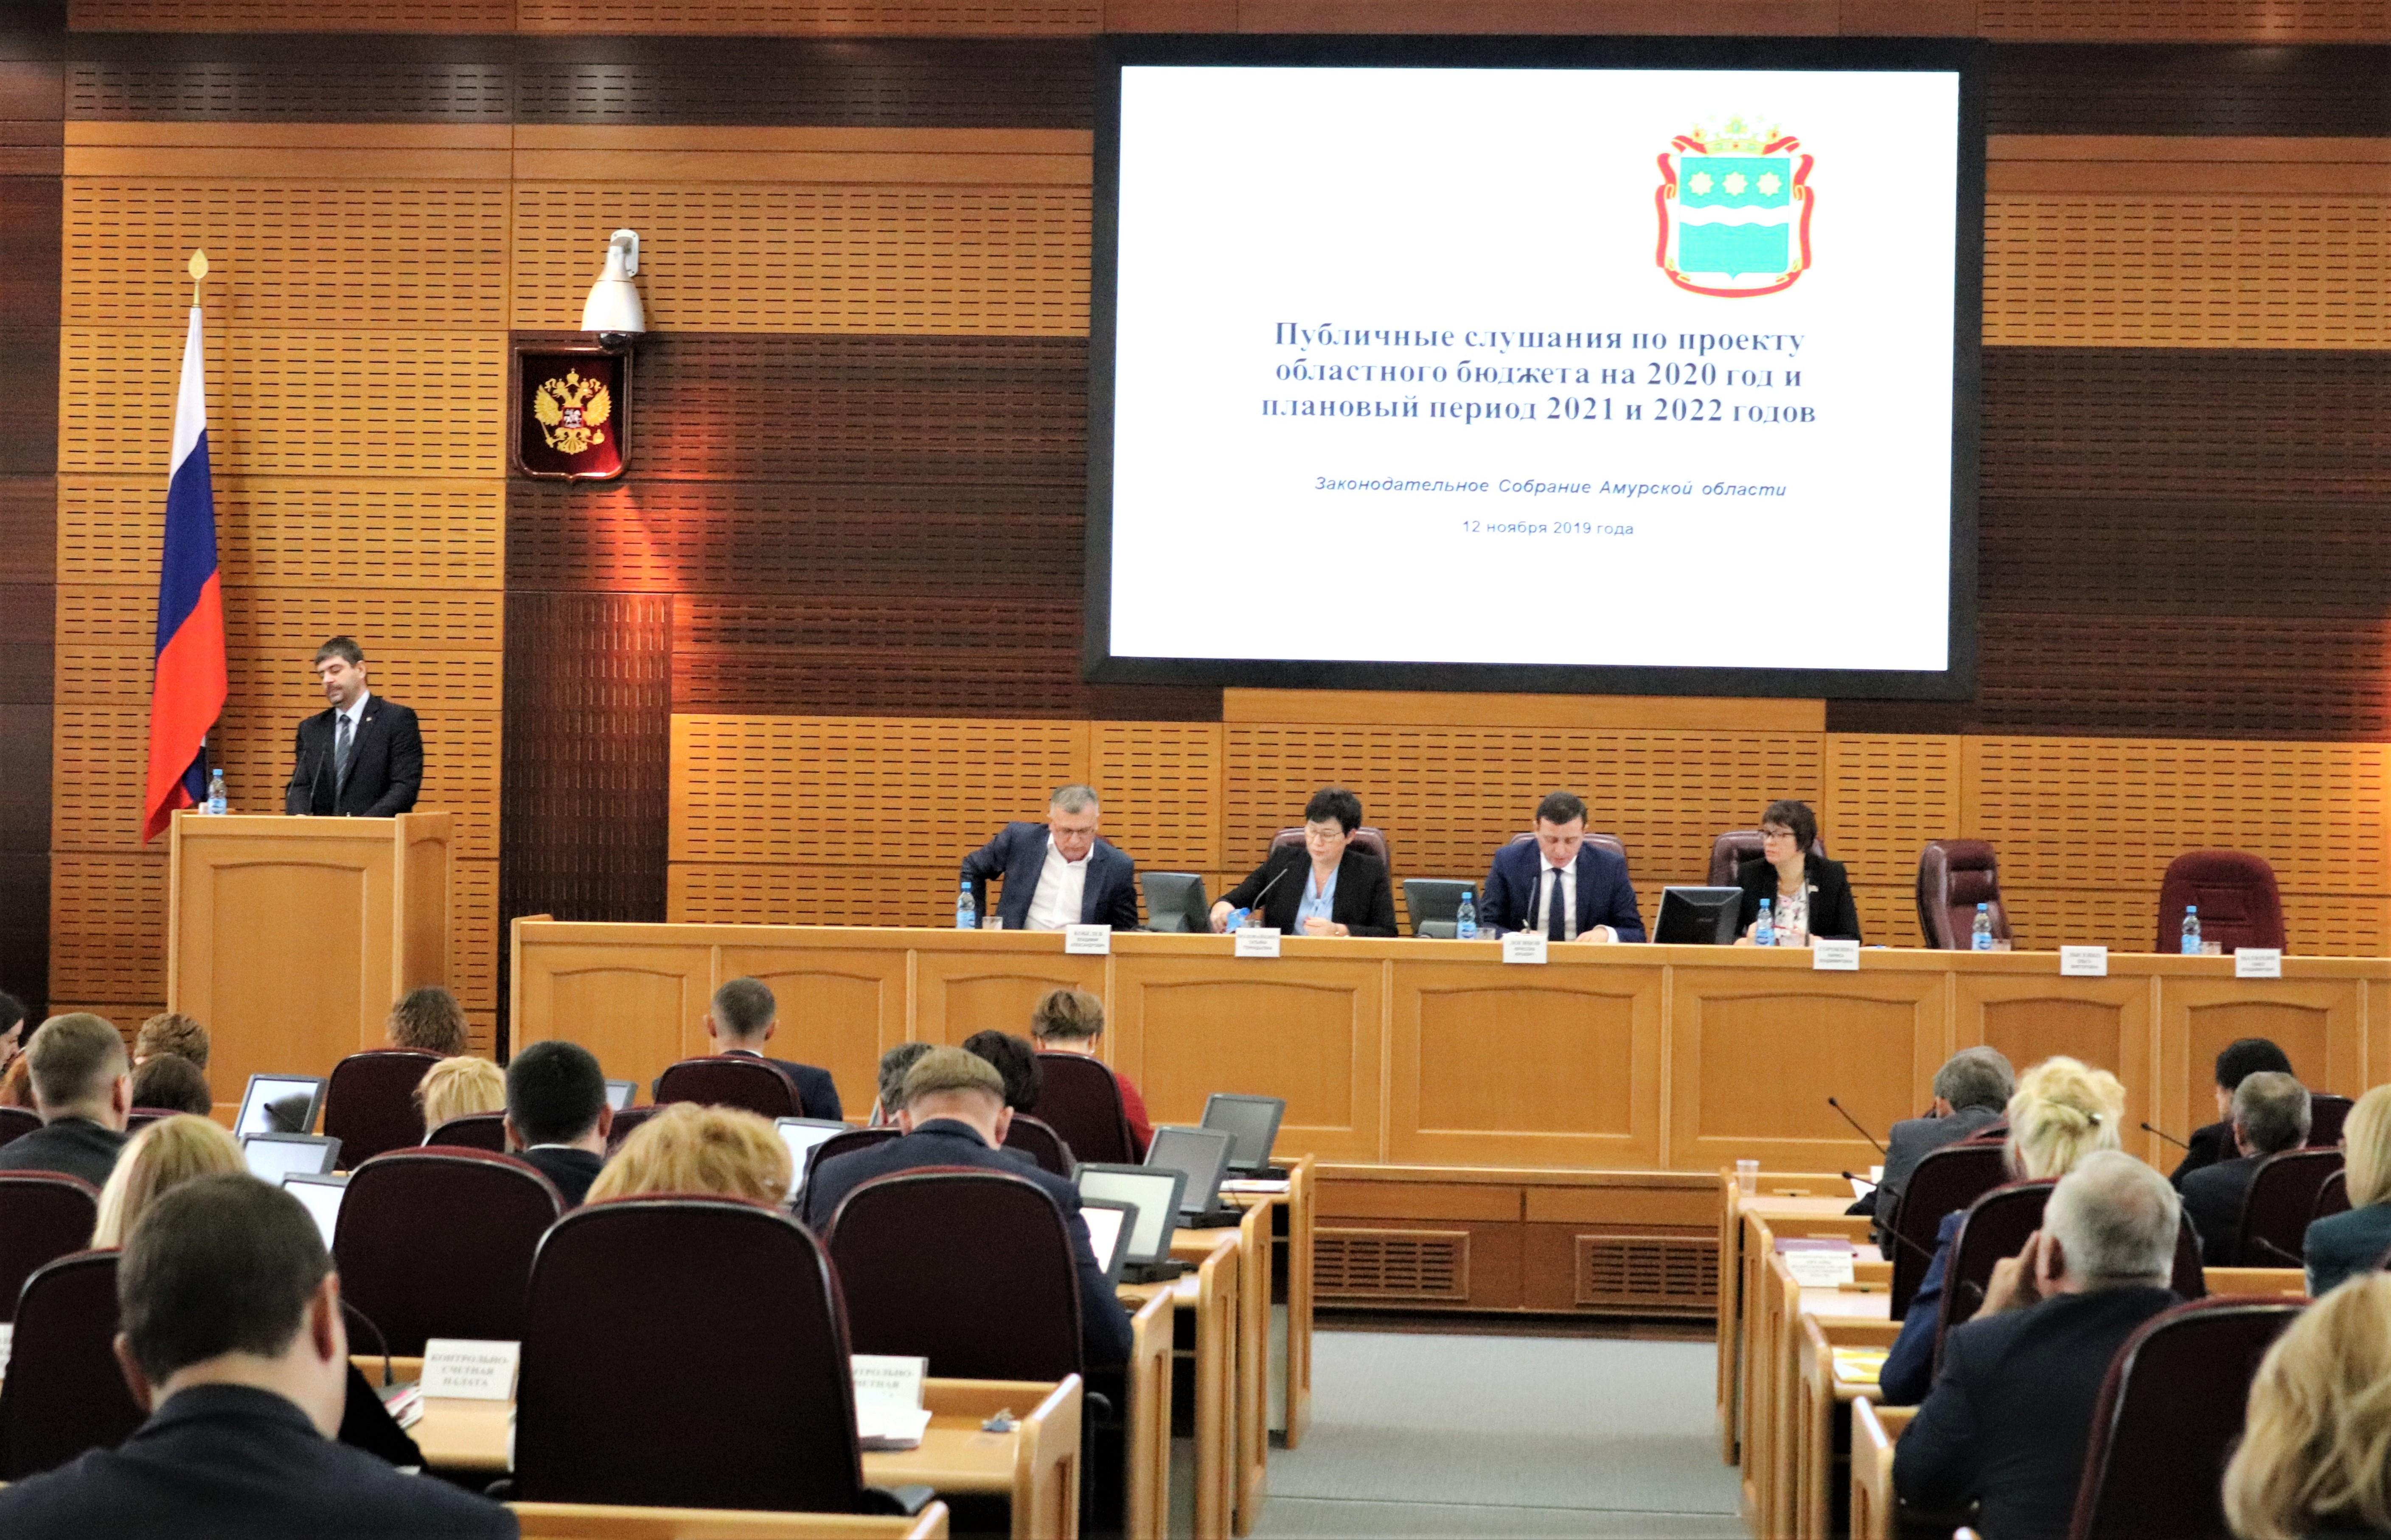 Члены Общественной палаты Амурской области приняли участие в публичных слушаниях по проекту областного бюджета на 2020 год и плановый период 2021 и 2022 годов